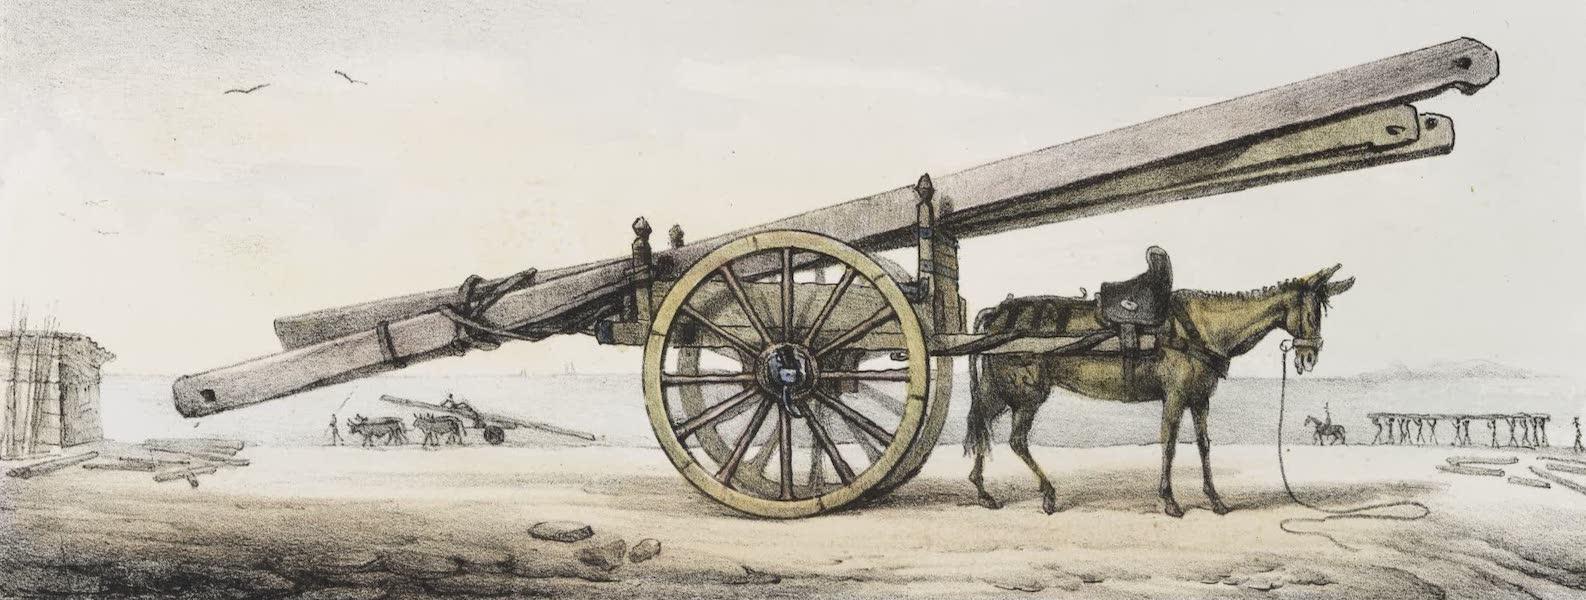 Voyage Pittoresque et Historique au Bresil Vol. 2 - Charroi de Bois de Charpente (1835)